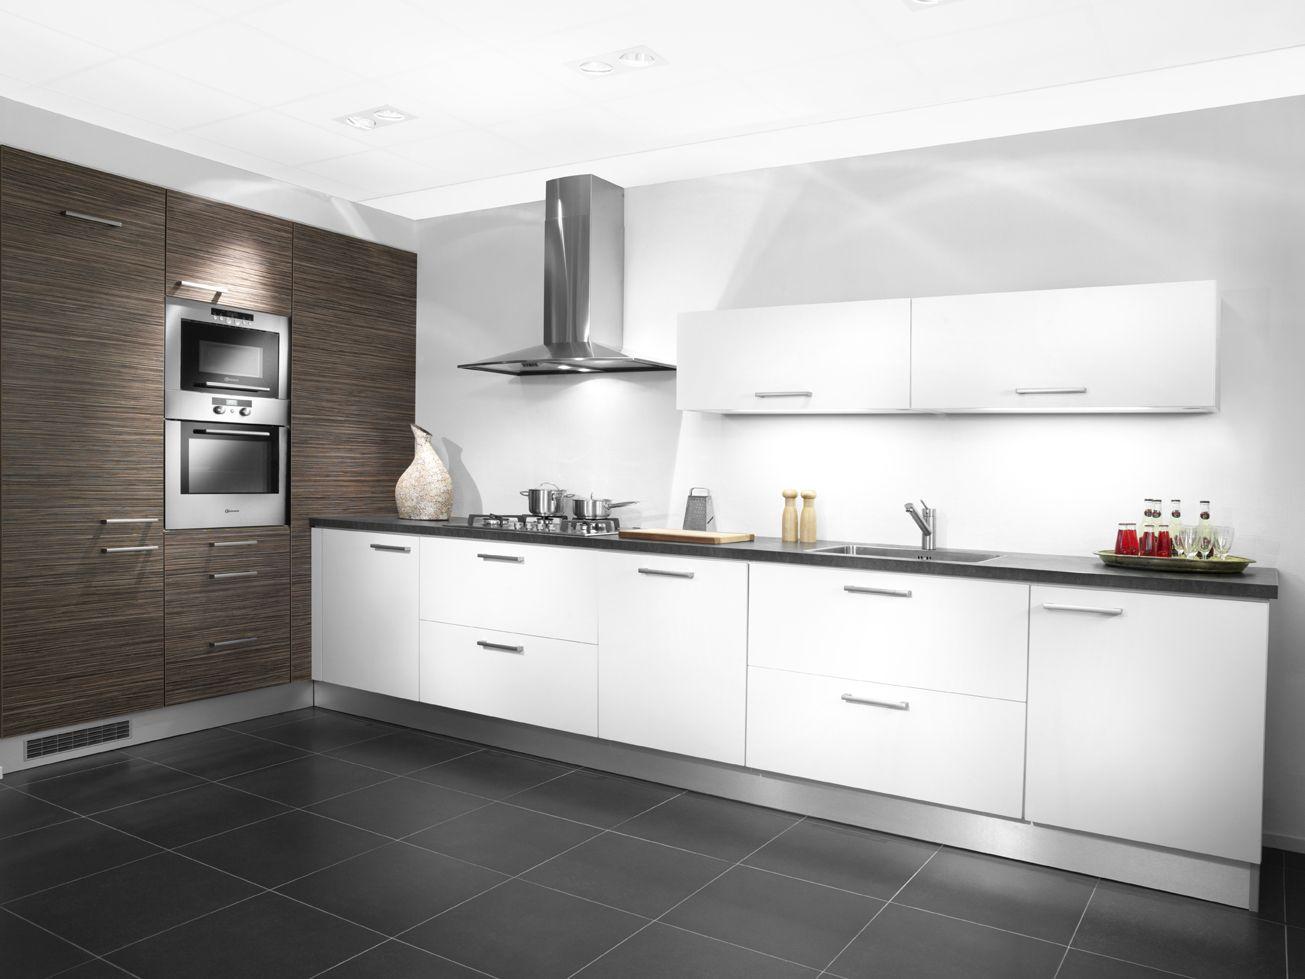 Hoek keuken met 2 verschillende kleuren! : Kitchen : Pinterest